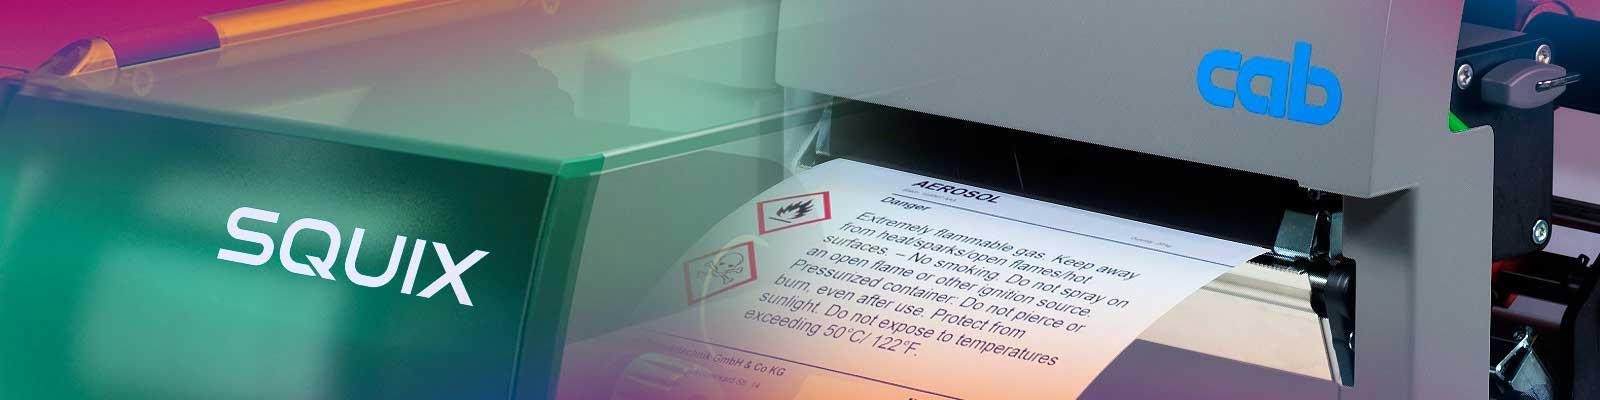 Impresoras Etiquetas Cab Doble Cara Dos Colores